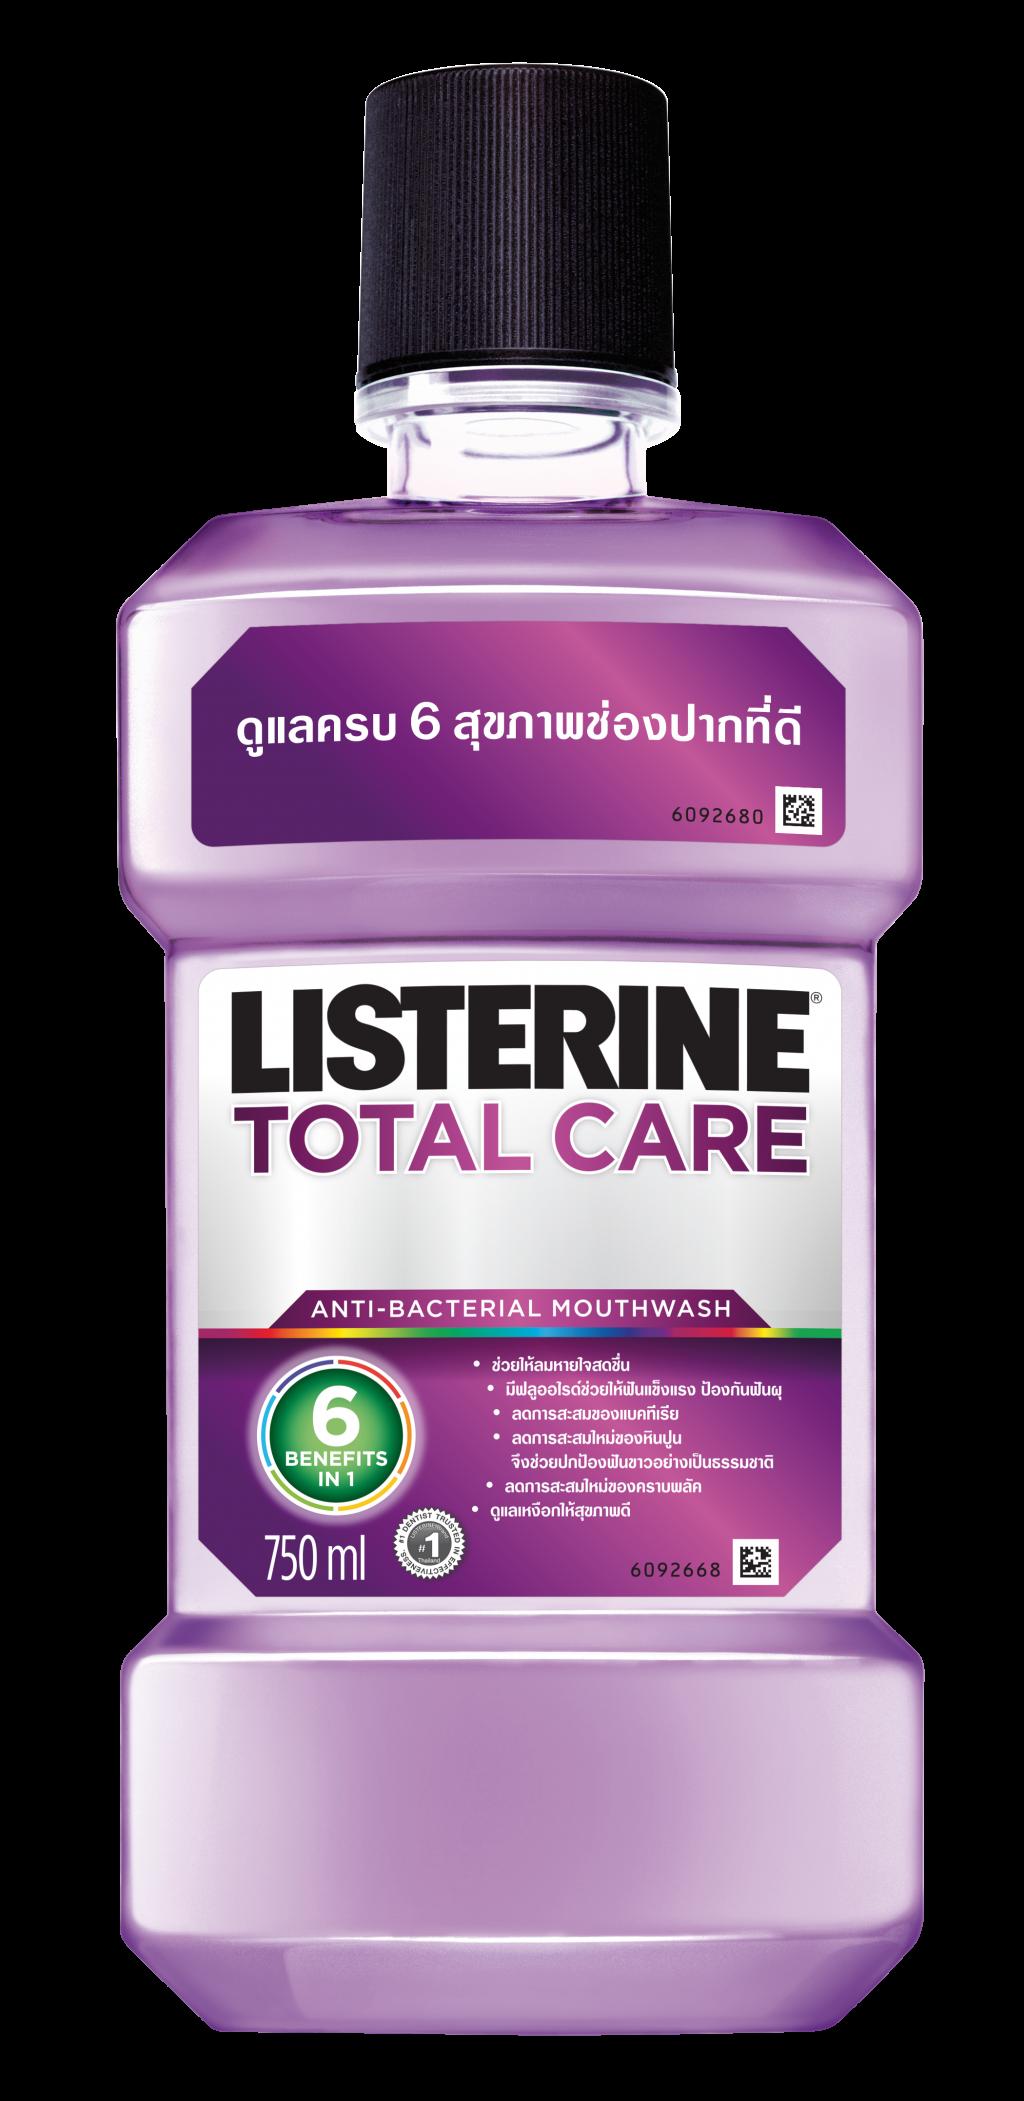 น้ำยาบ้วนปาก ลิสเตอรีน โทเทิล แคร์